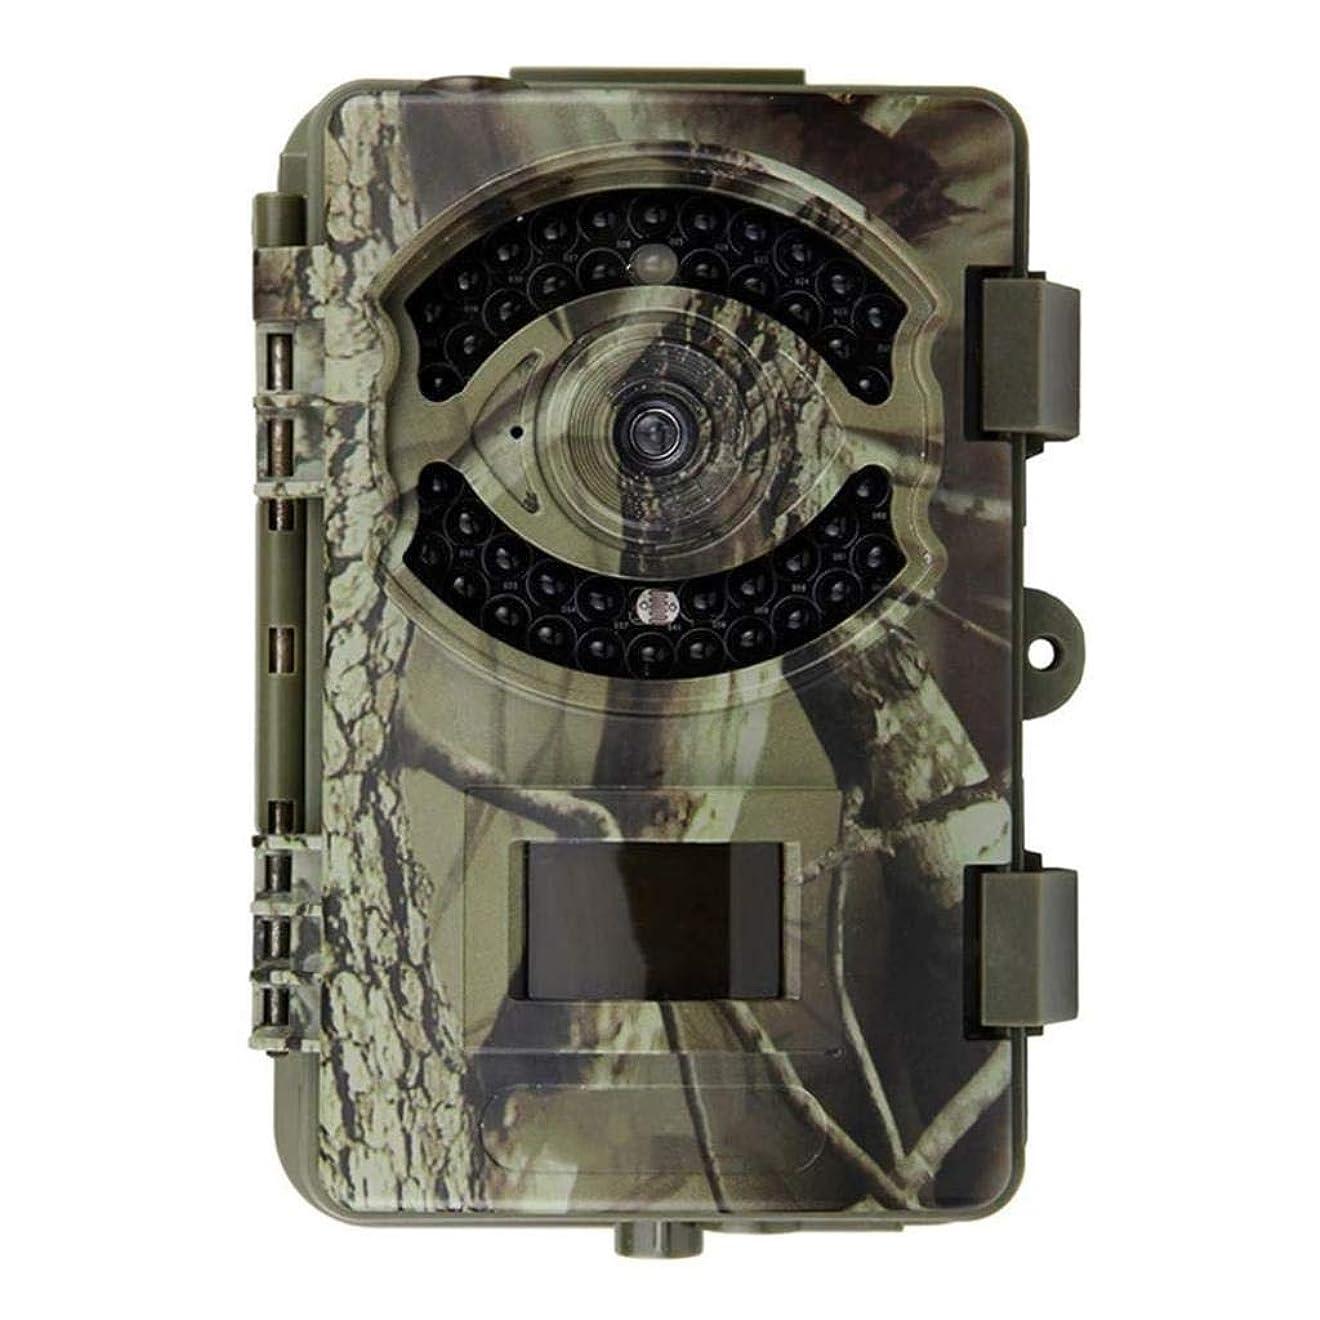 コロニーカレッジまとめる屋外分野のホームセキュリティーの監視のために防水16MP 1080P野生の捕獲物カムIP54を追跡する野生生物のカメラHD